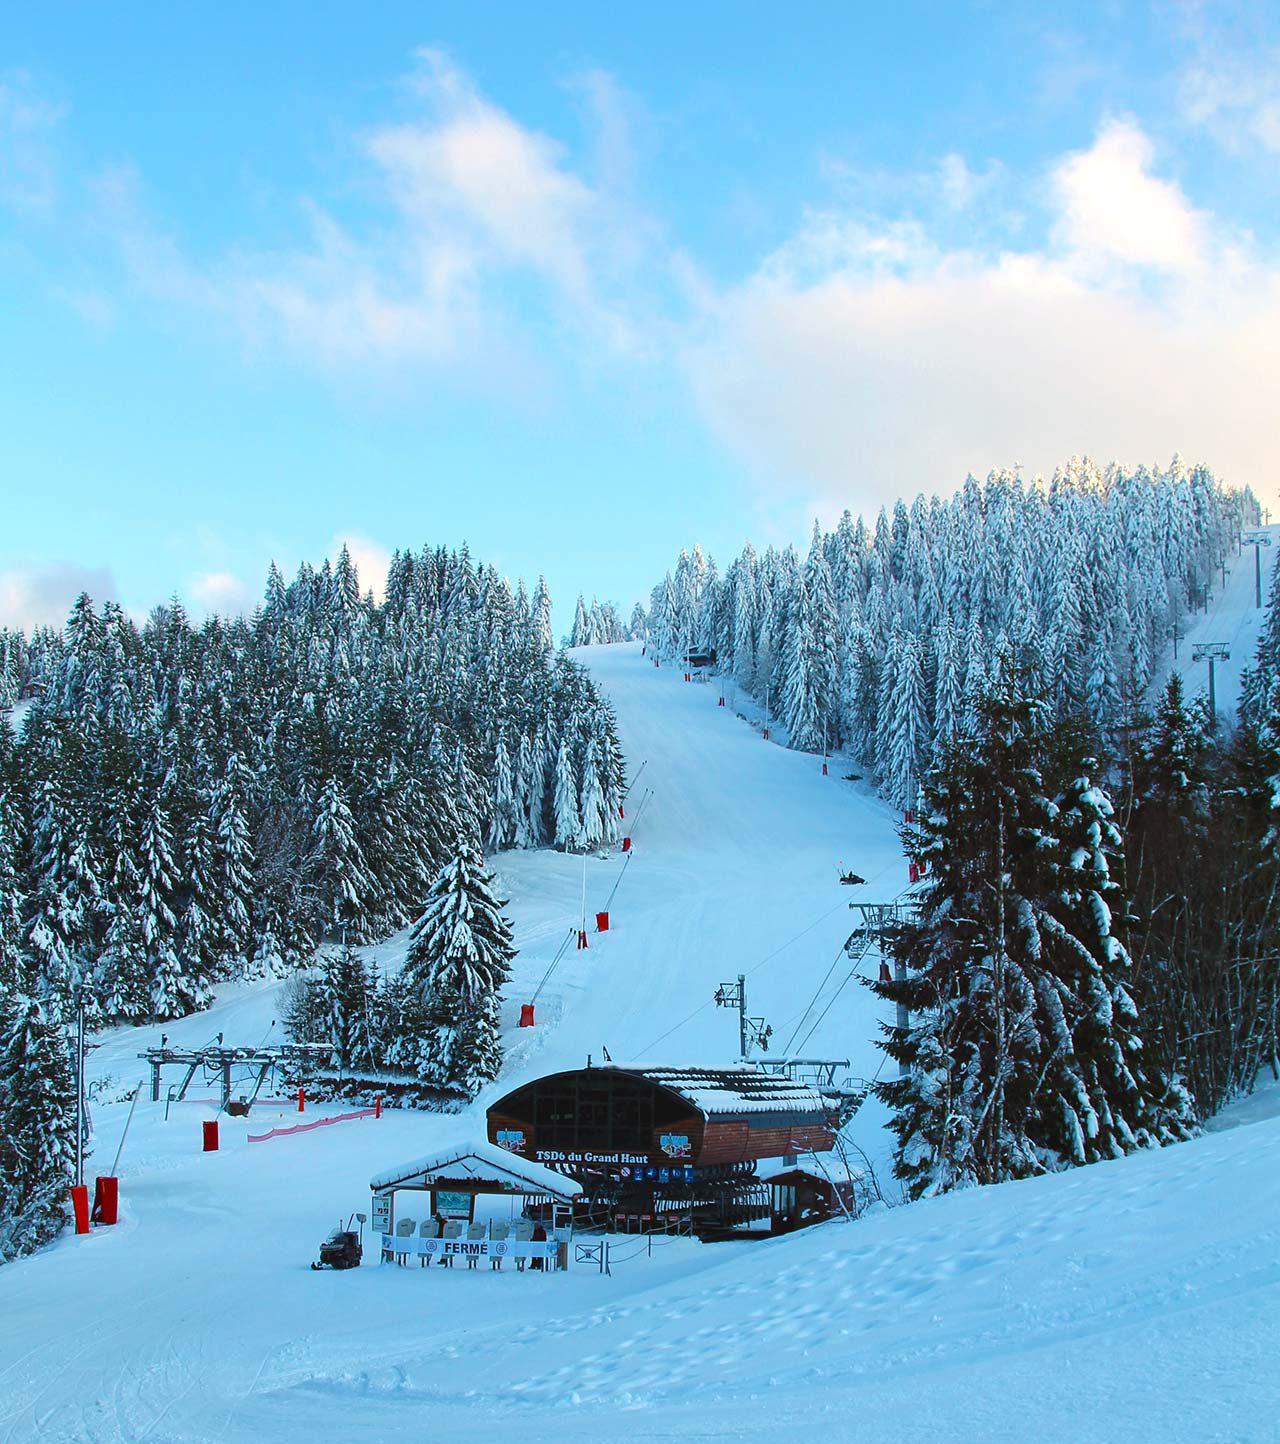 Station de ski La mauselainne Gerardmer